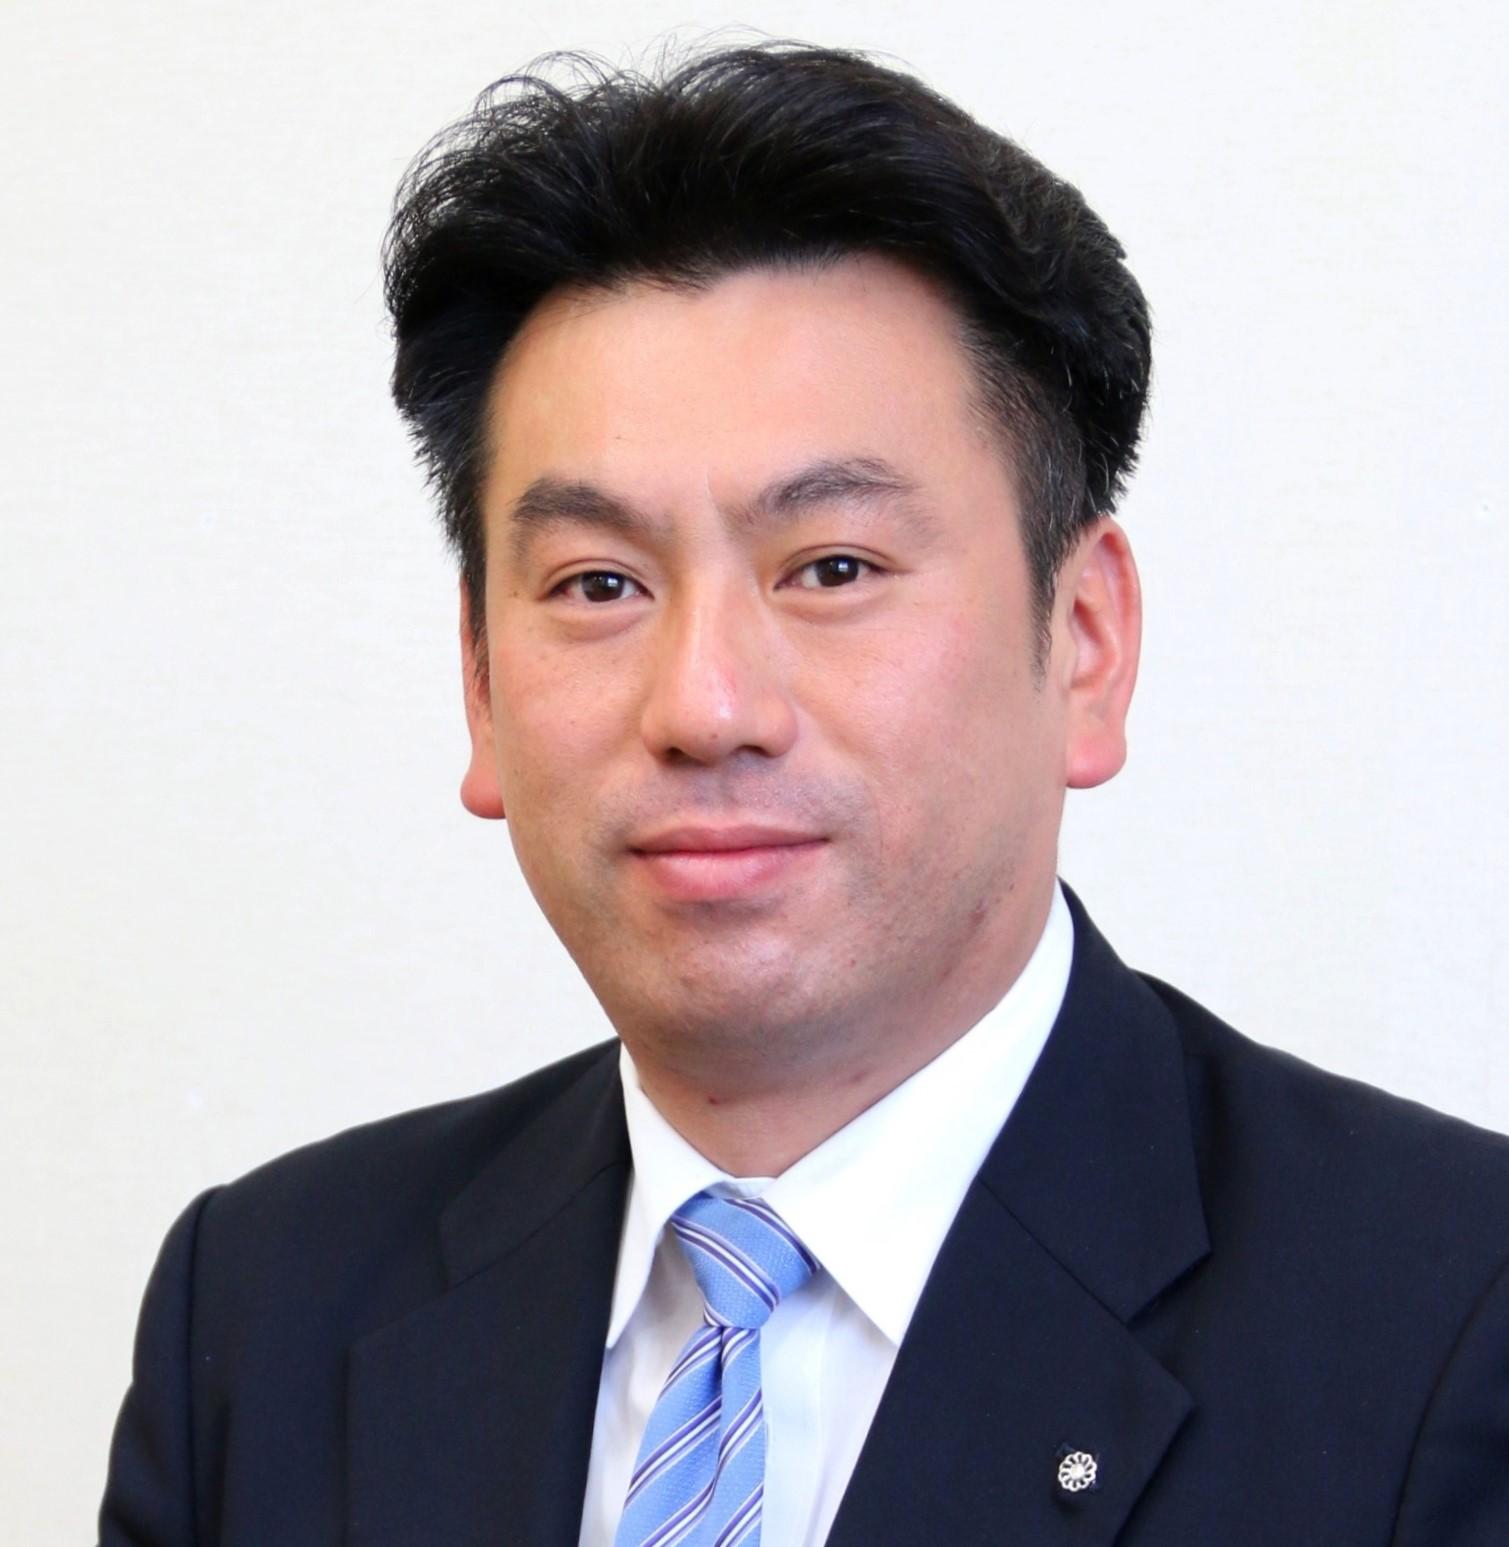 Yoshiaki Suda